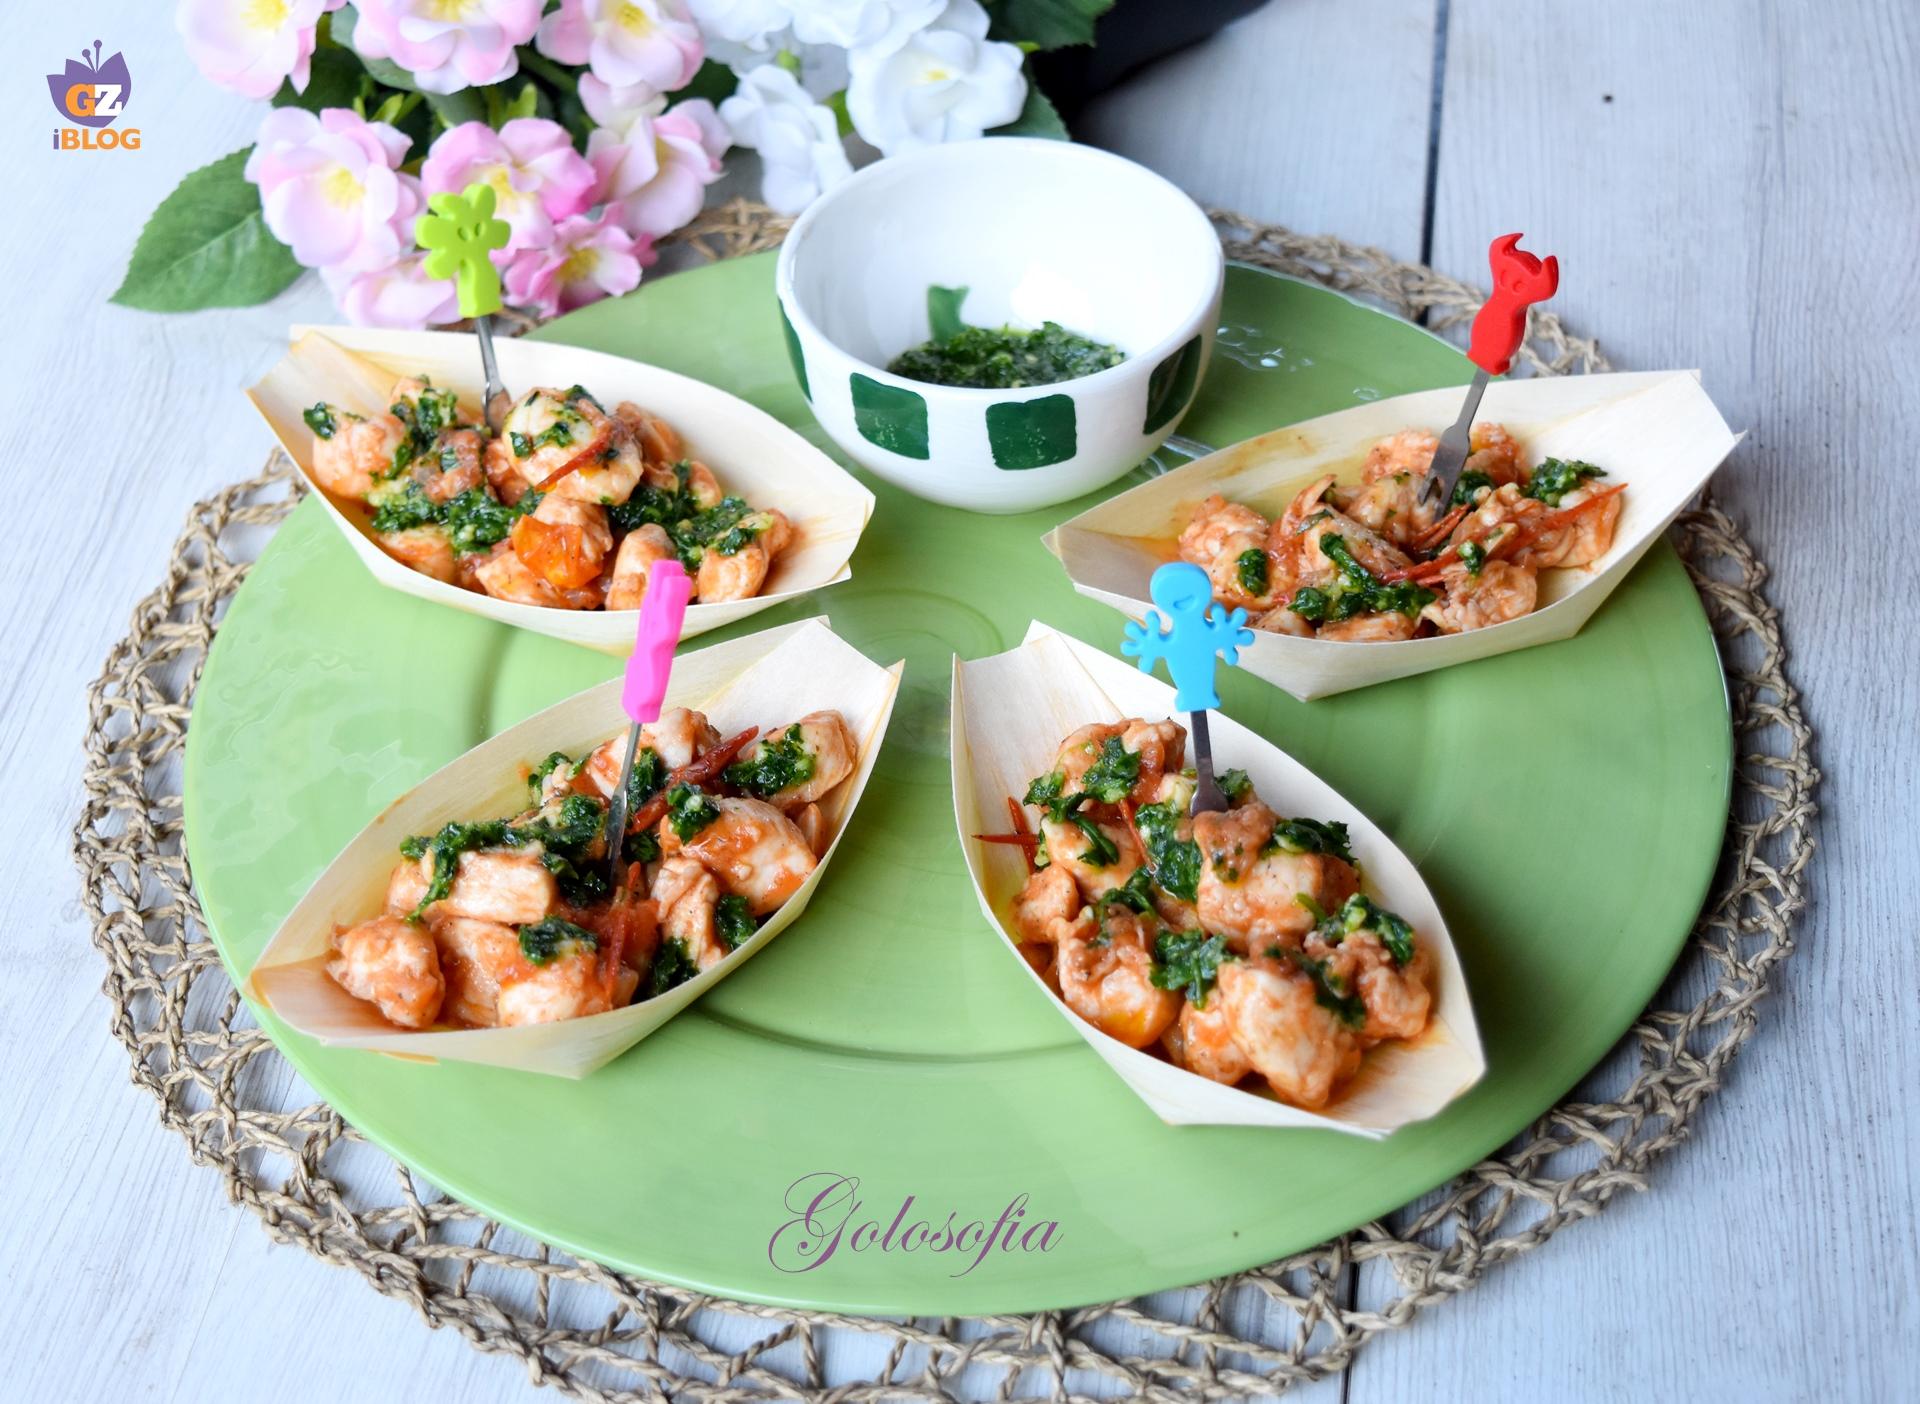 Bocconcini di pollo con pesto di rucola e pomodorini-ricetta secondi-golosofia